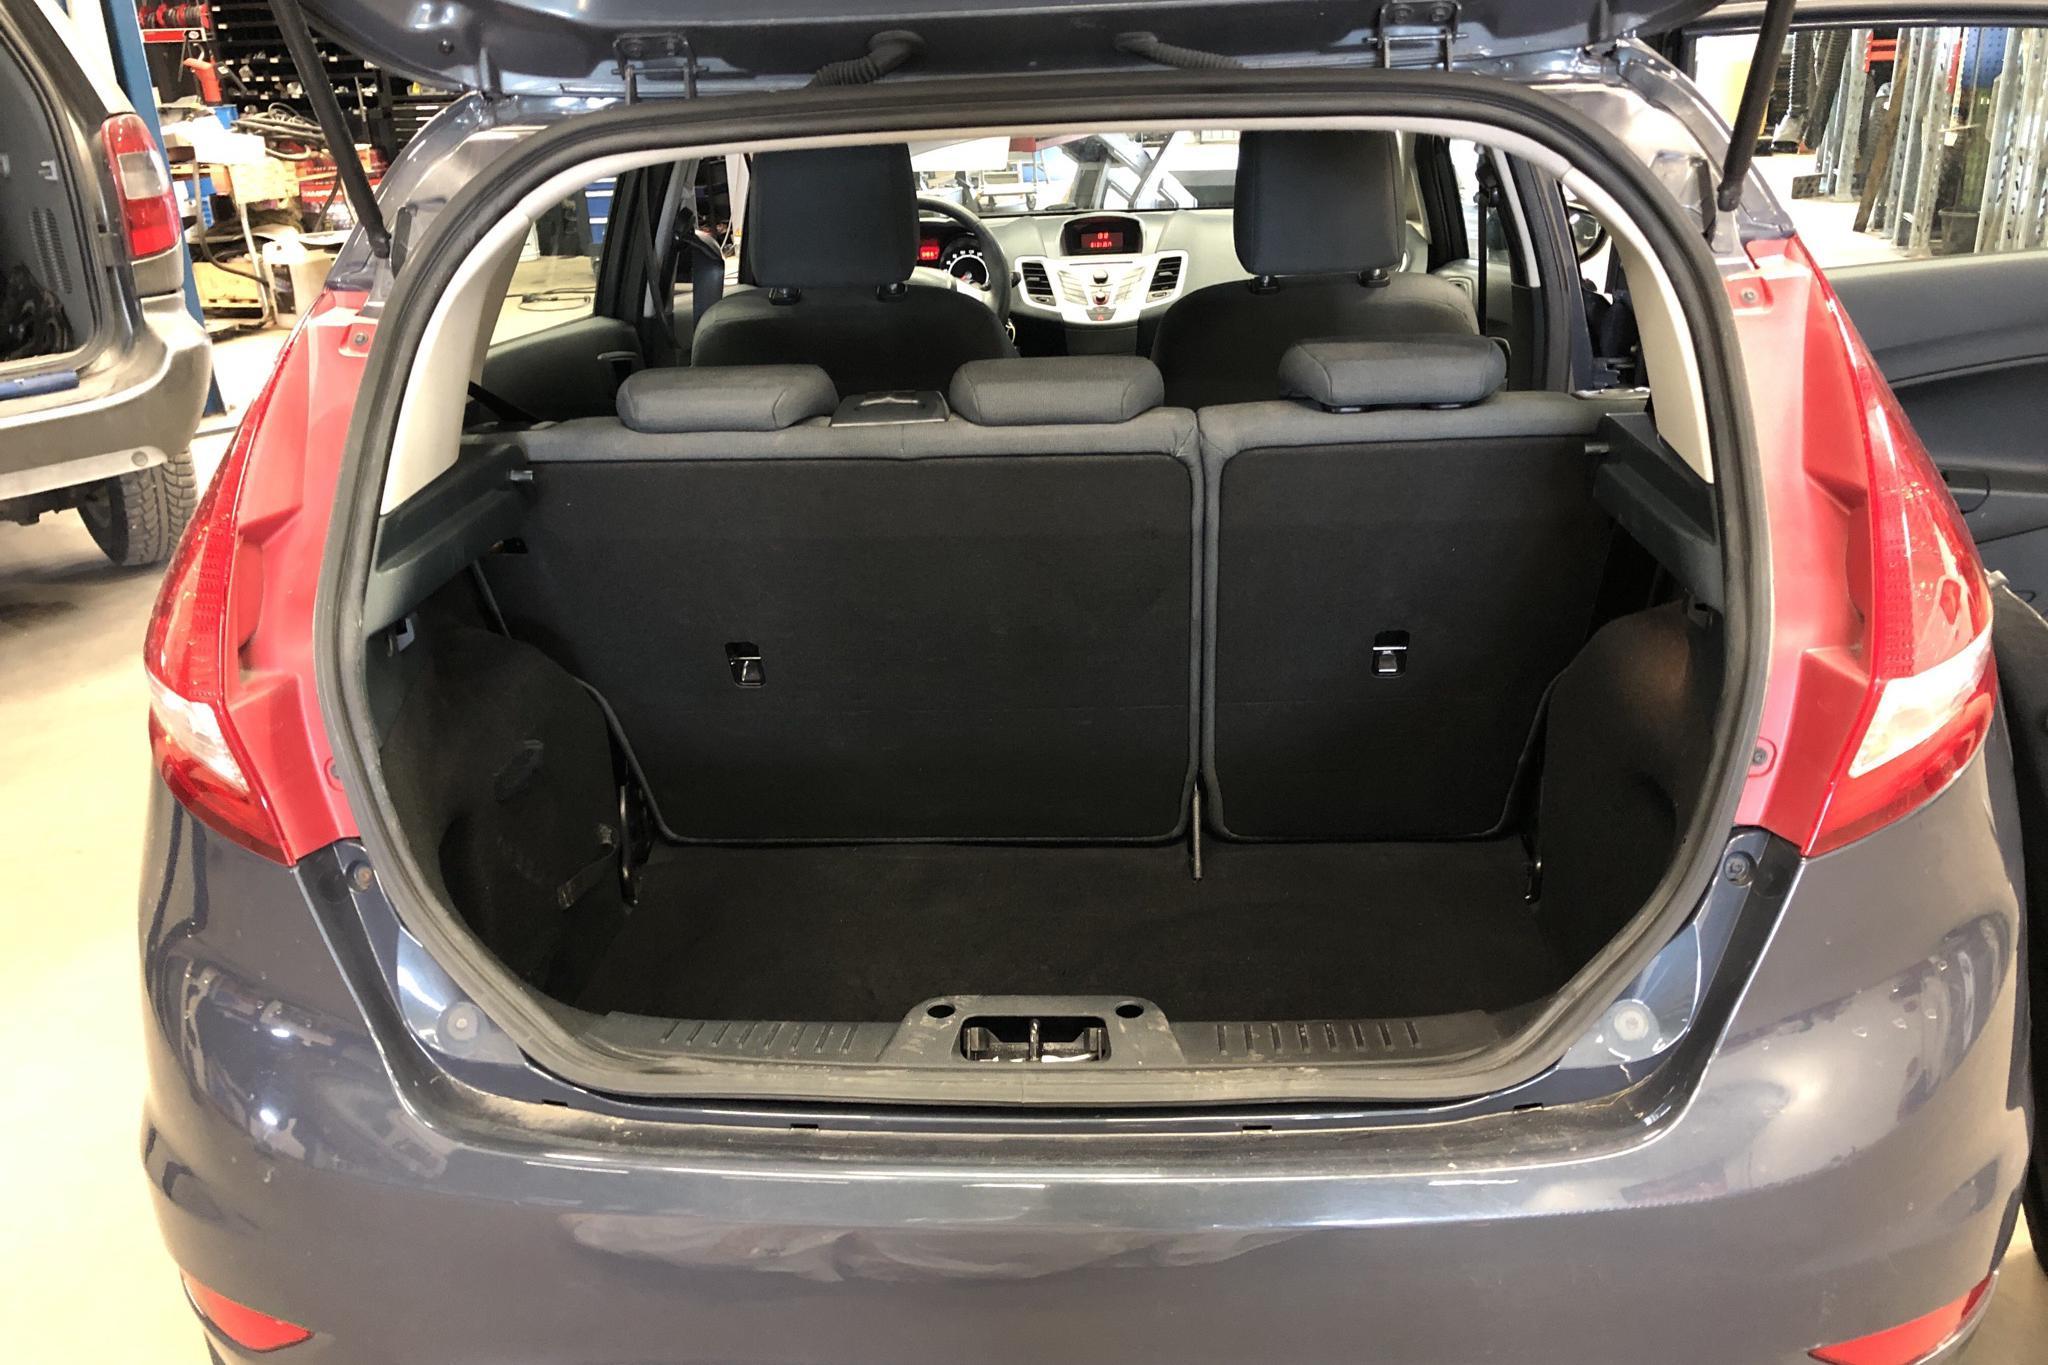 Ford Fiesta 1.6 TDCi 5dr (95hk) - 16 482 mil - Manuell - grå - 2012